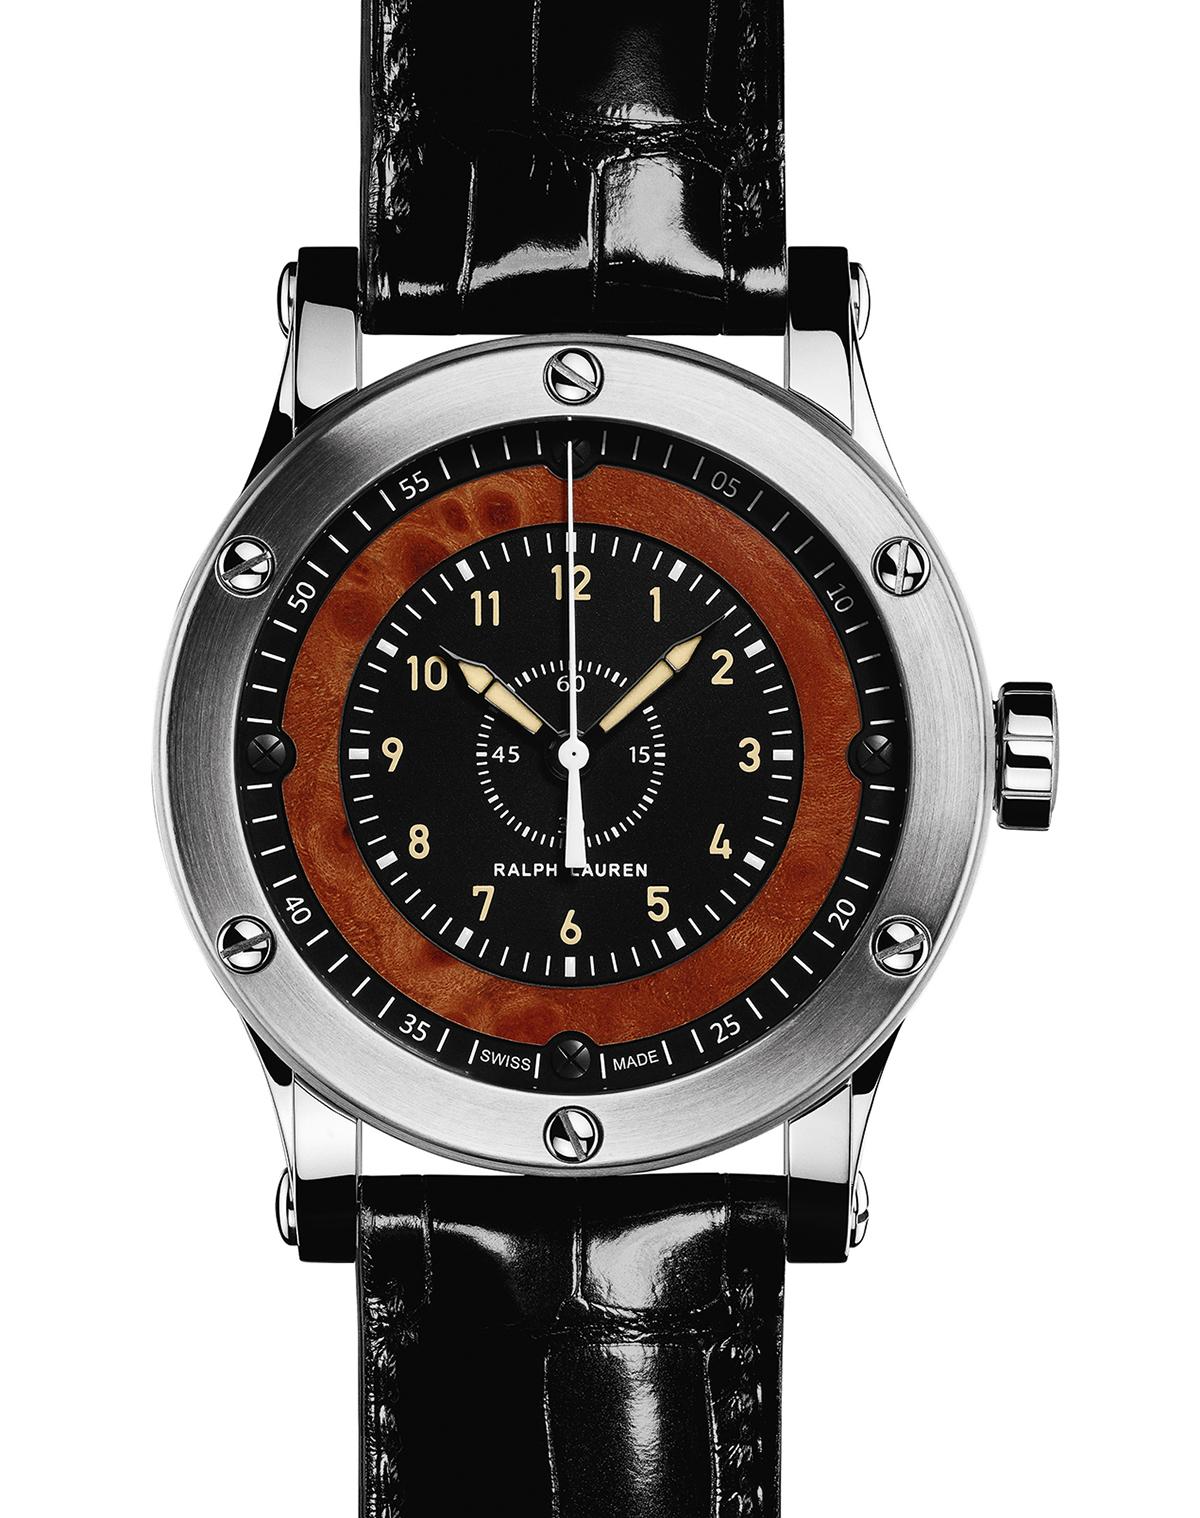 Ralph Lauren Automotive Chronometer 39 mm